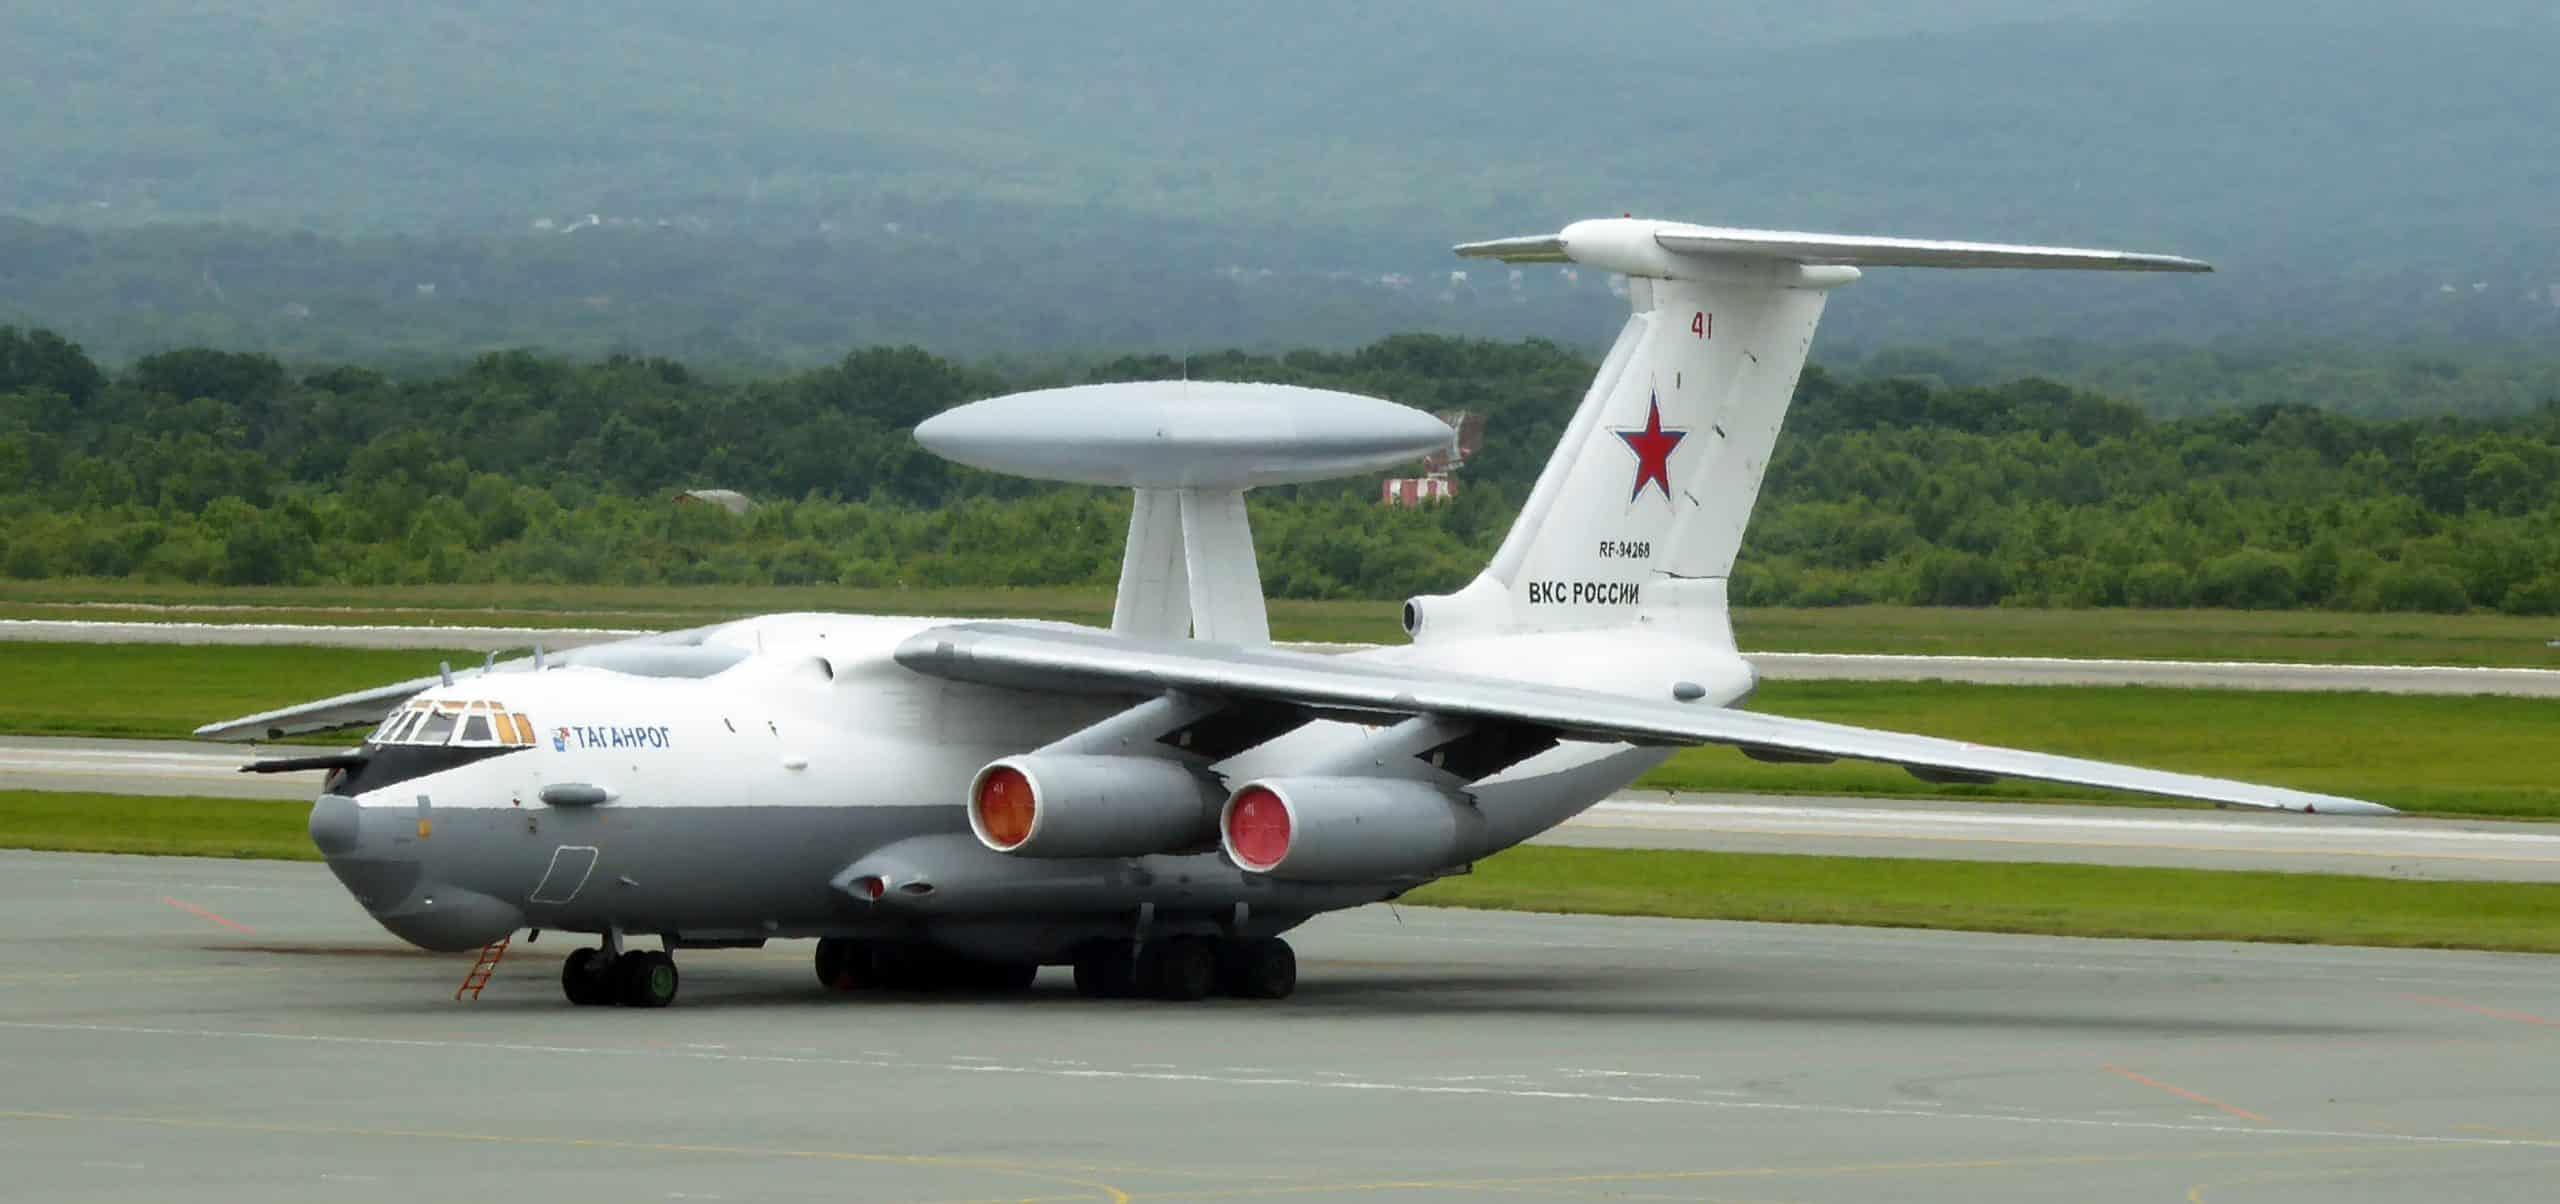 روسيا تنشر طائرات الإنذار المبكر المحمولة جوا من طراز A-50 على الحدود الغربية